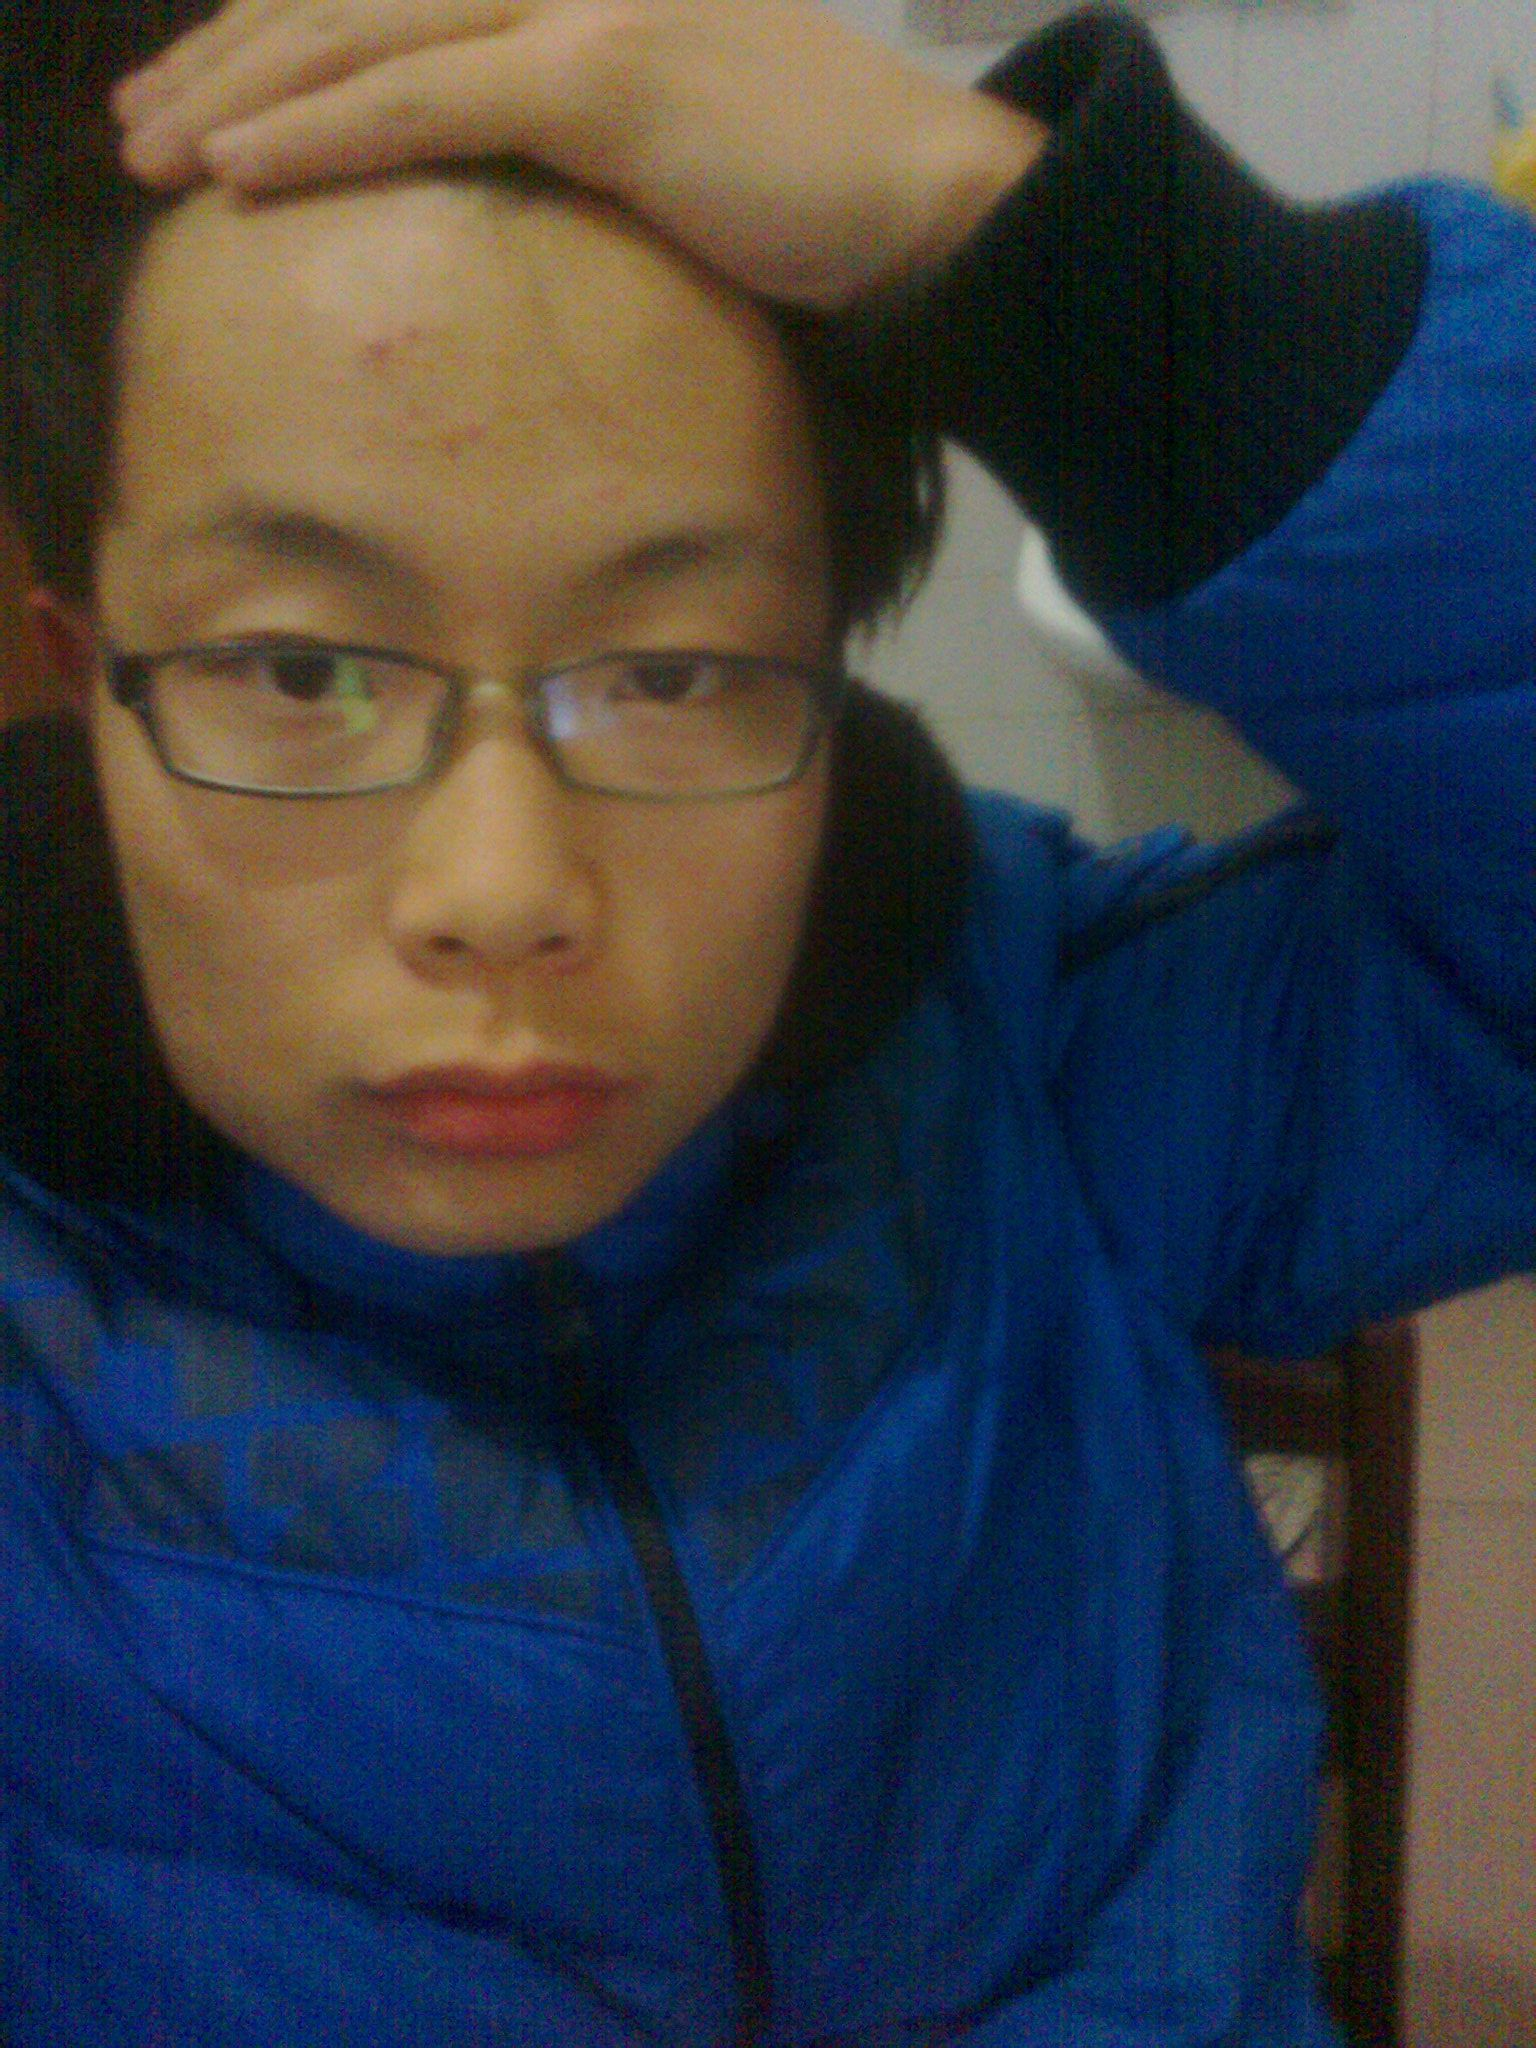 我是方块脸,下额比额头宽点,留什么发型图片